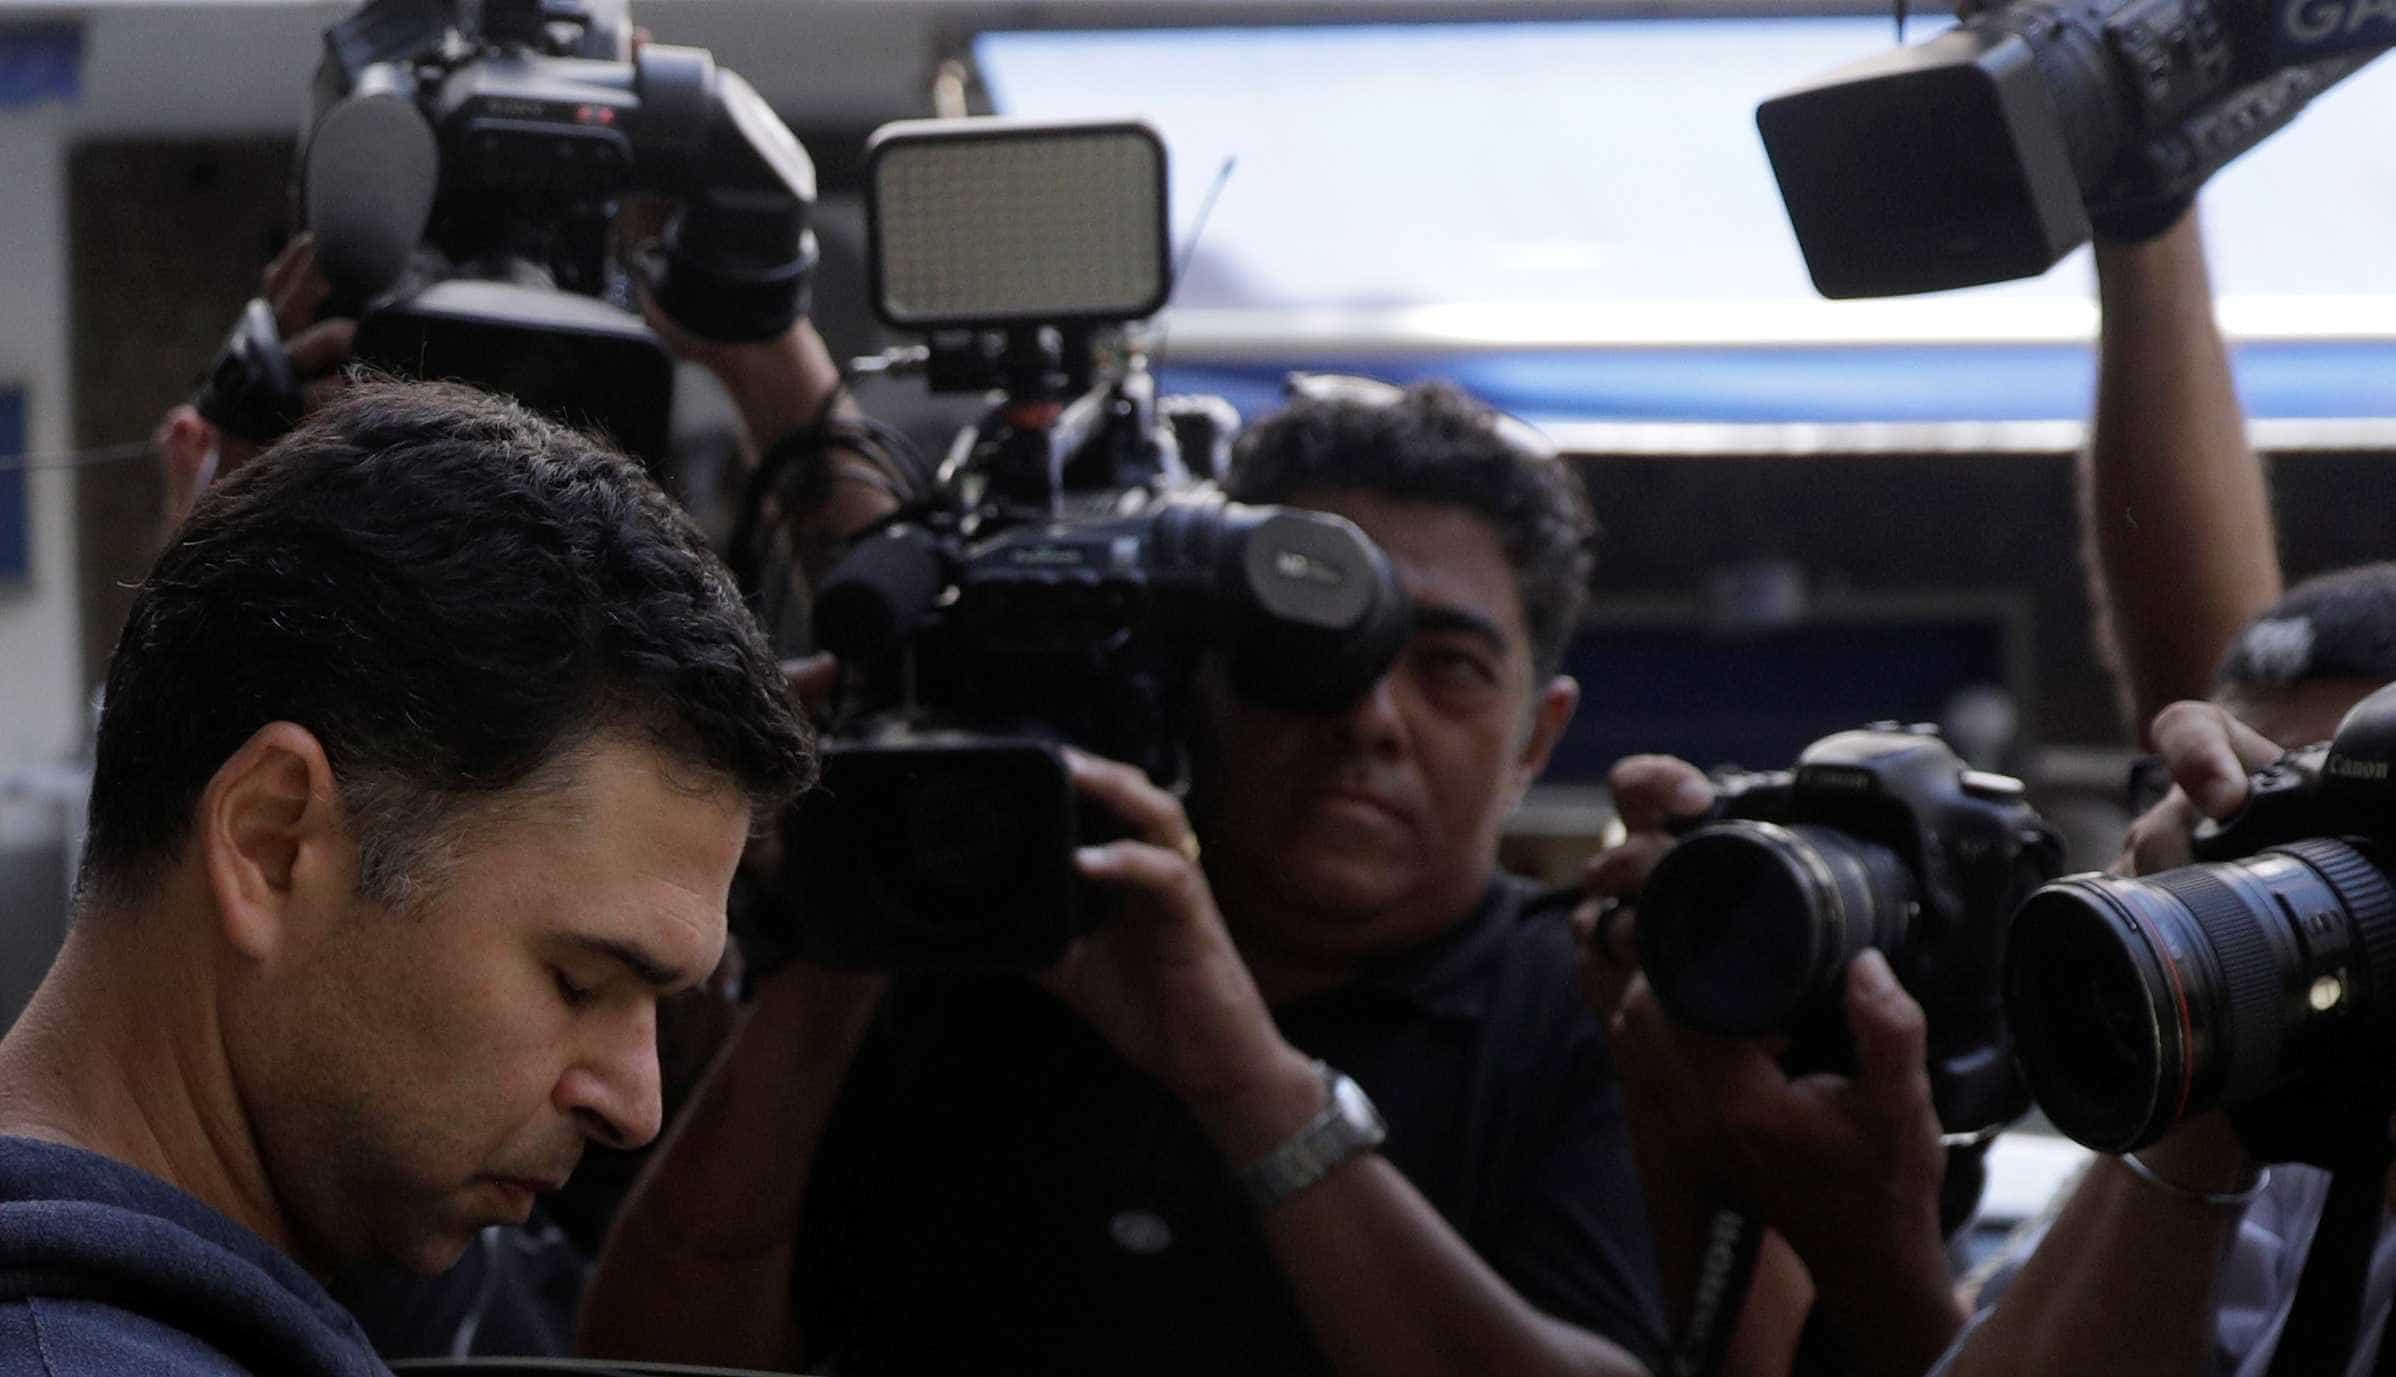 Atropelador de Copacabana responderá a inquérito em liberdade